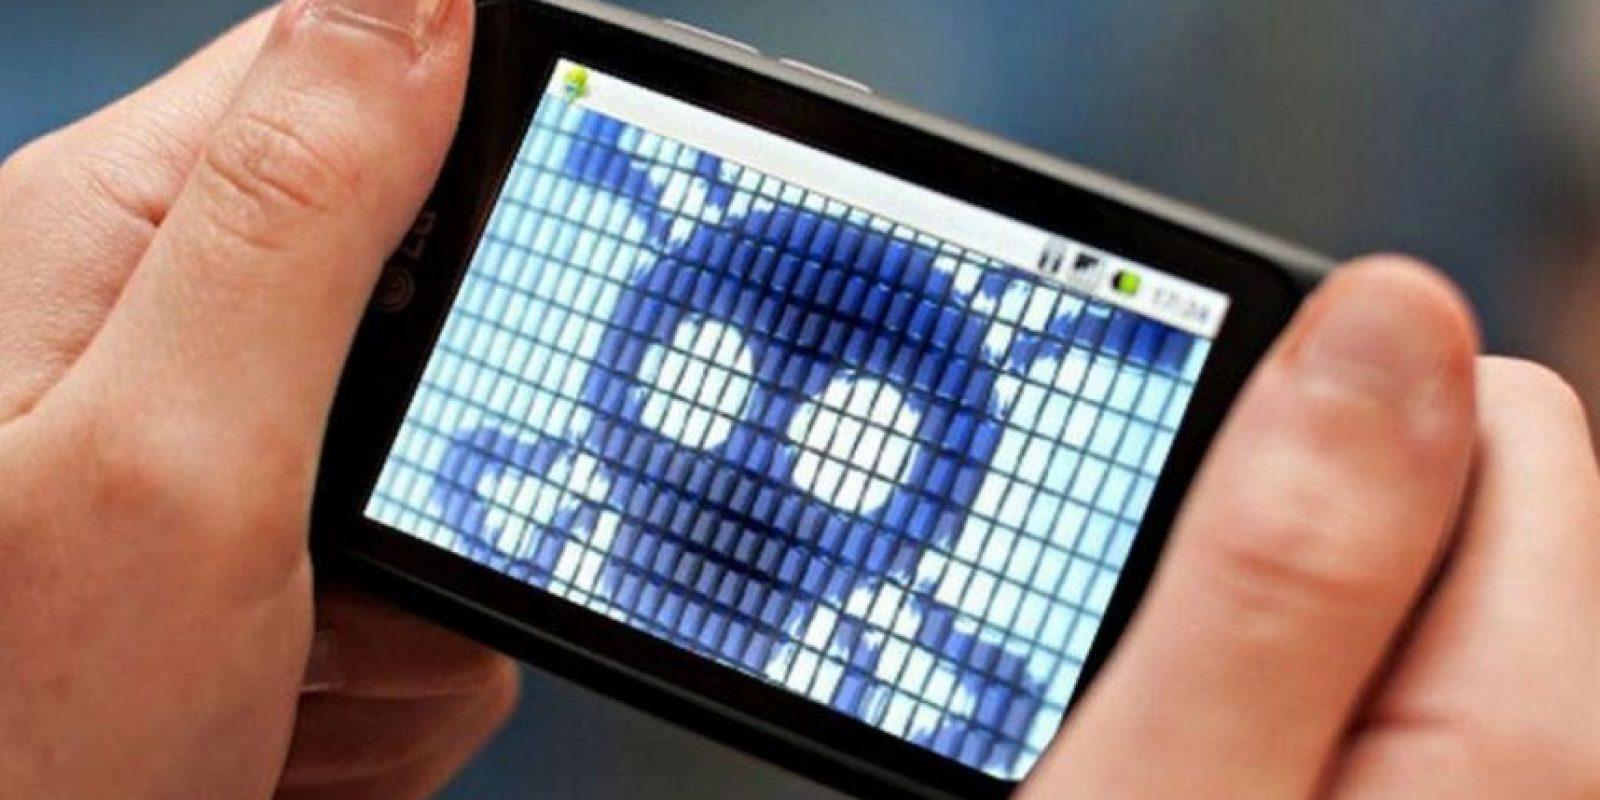 Los hackers quieren entrar a su teléfono inteligente. Foto:Pinterest